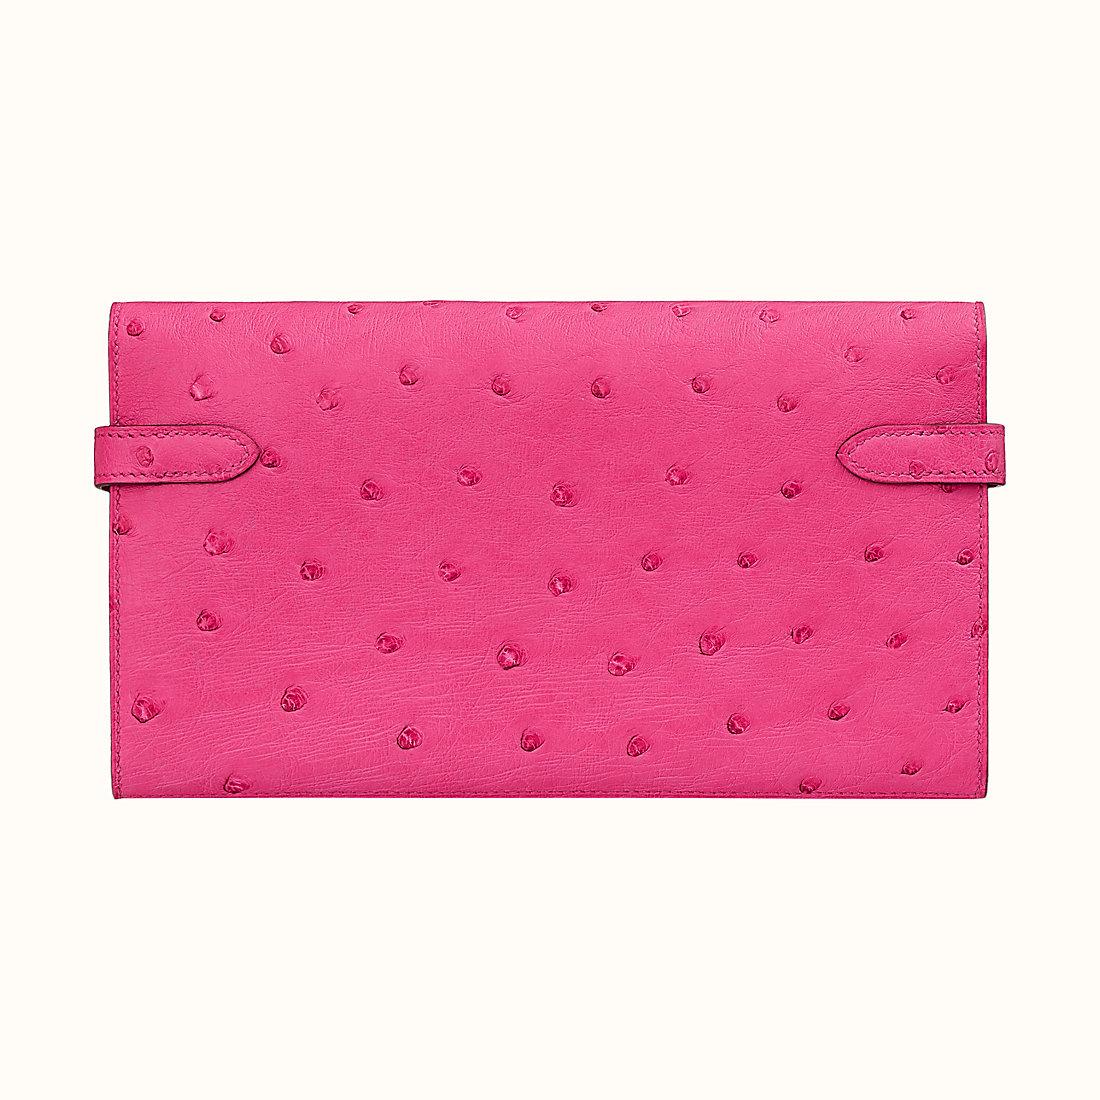 嘉義市愛馬仕凱莉錢包尺寸 Hermes Kelly classic wallet CKE5 Rose Tyrien